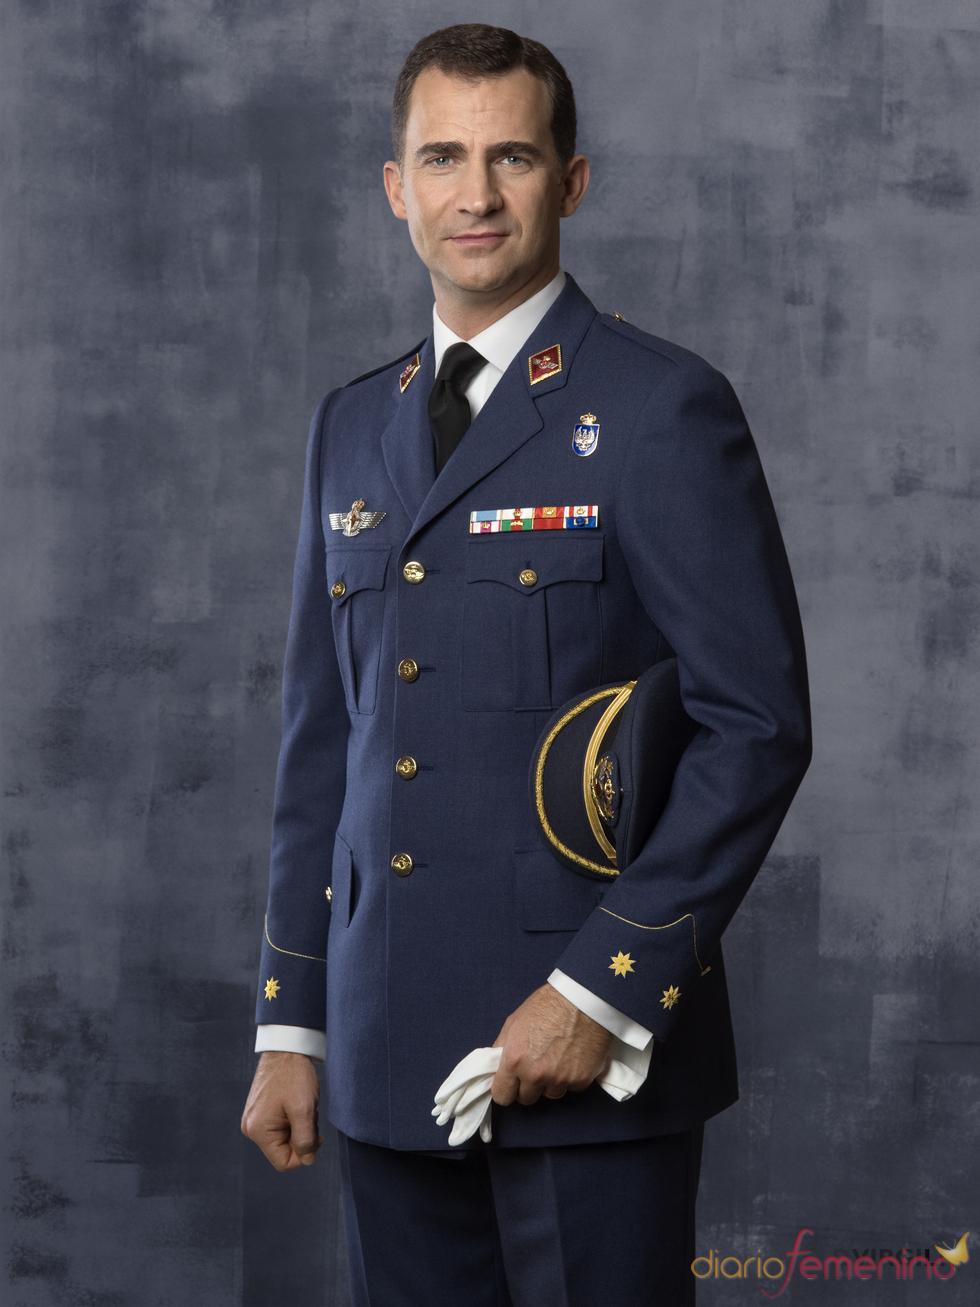 El Príncipe Felipe vestido con uniforme oficial